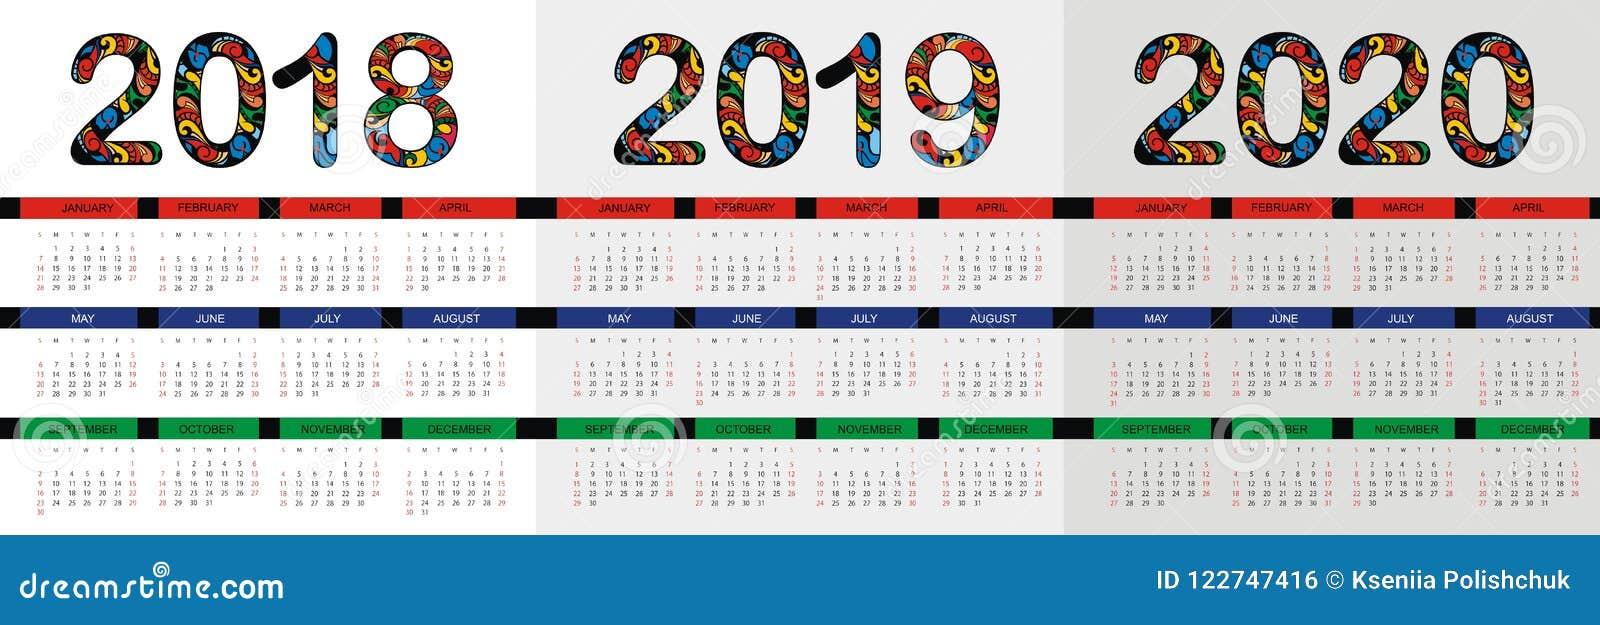 Calendario 2020 Chile Vector.Calendar 2019 2020 Business Template Stock Vector